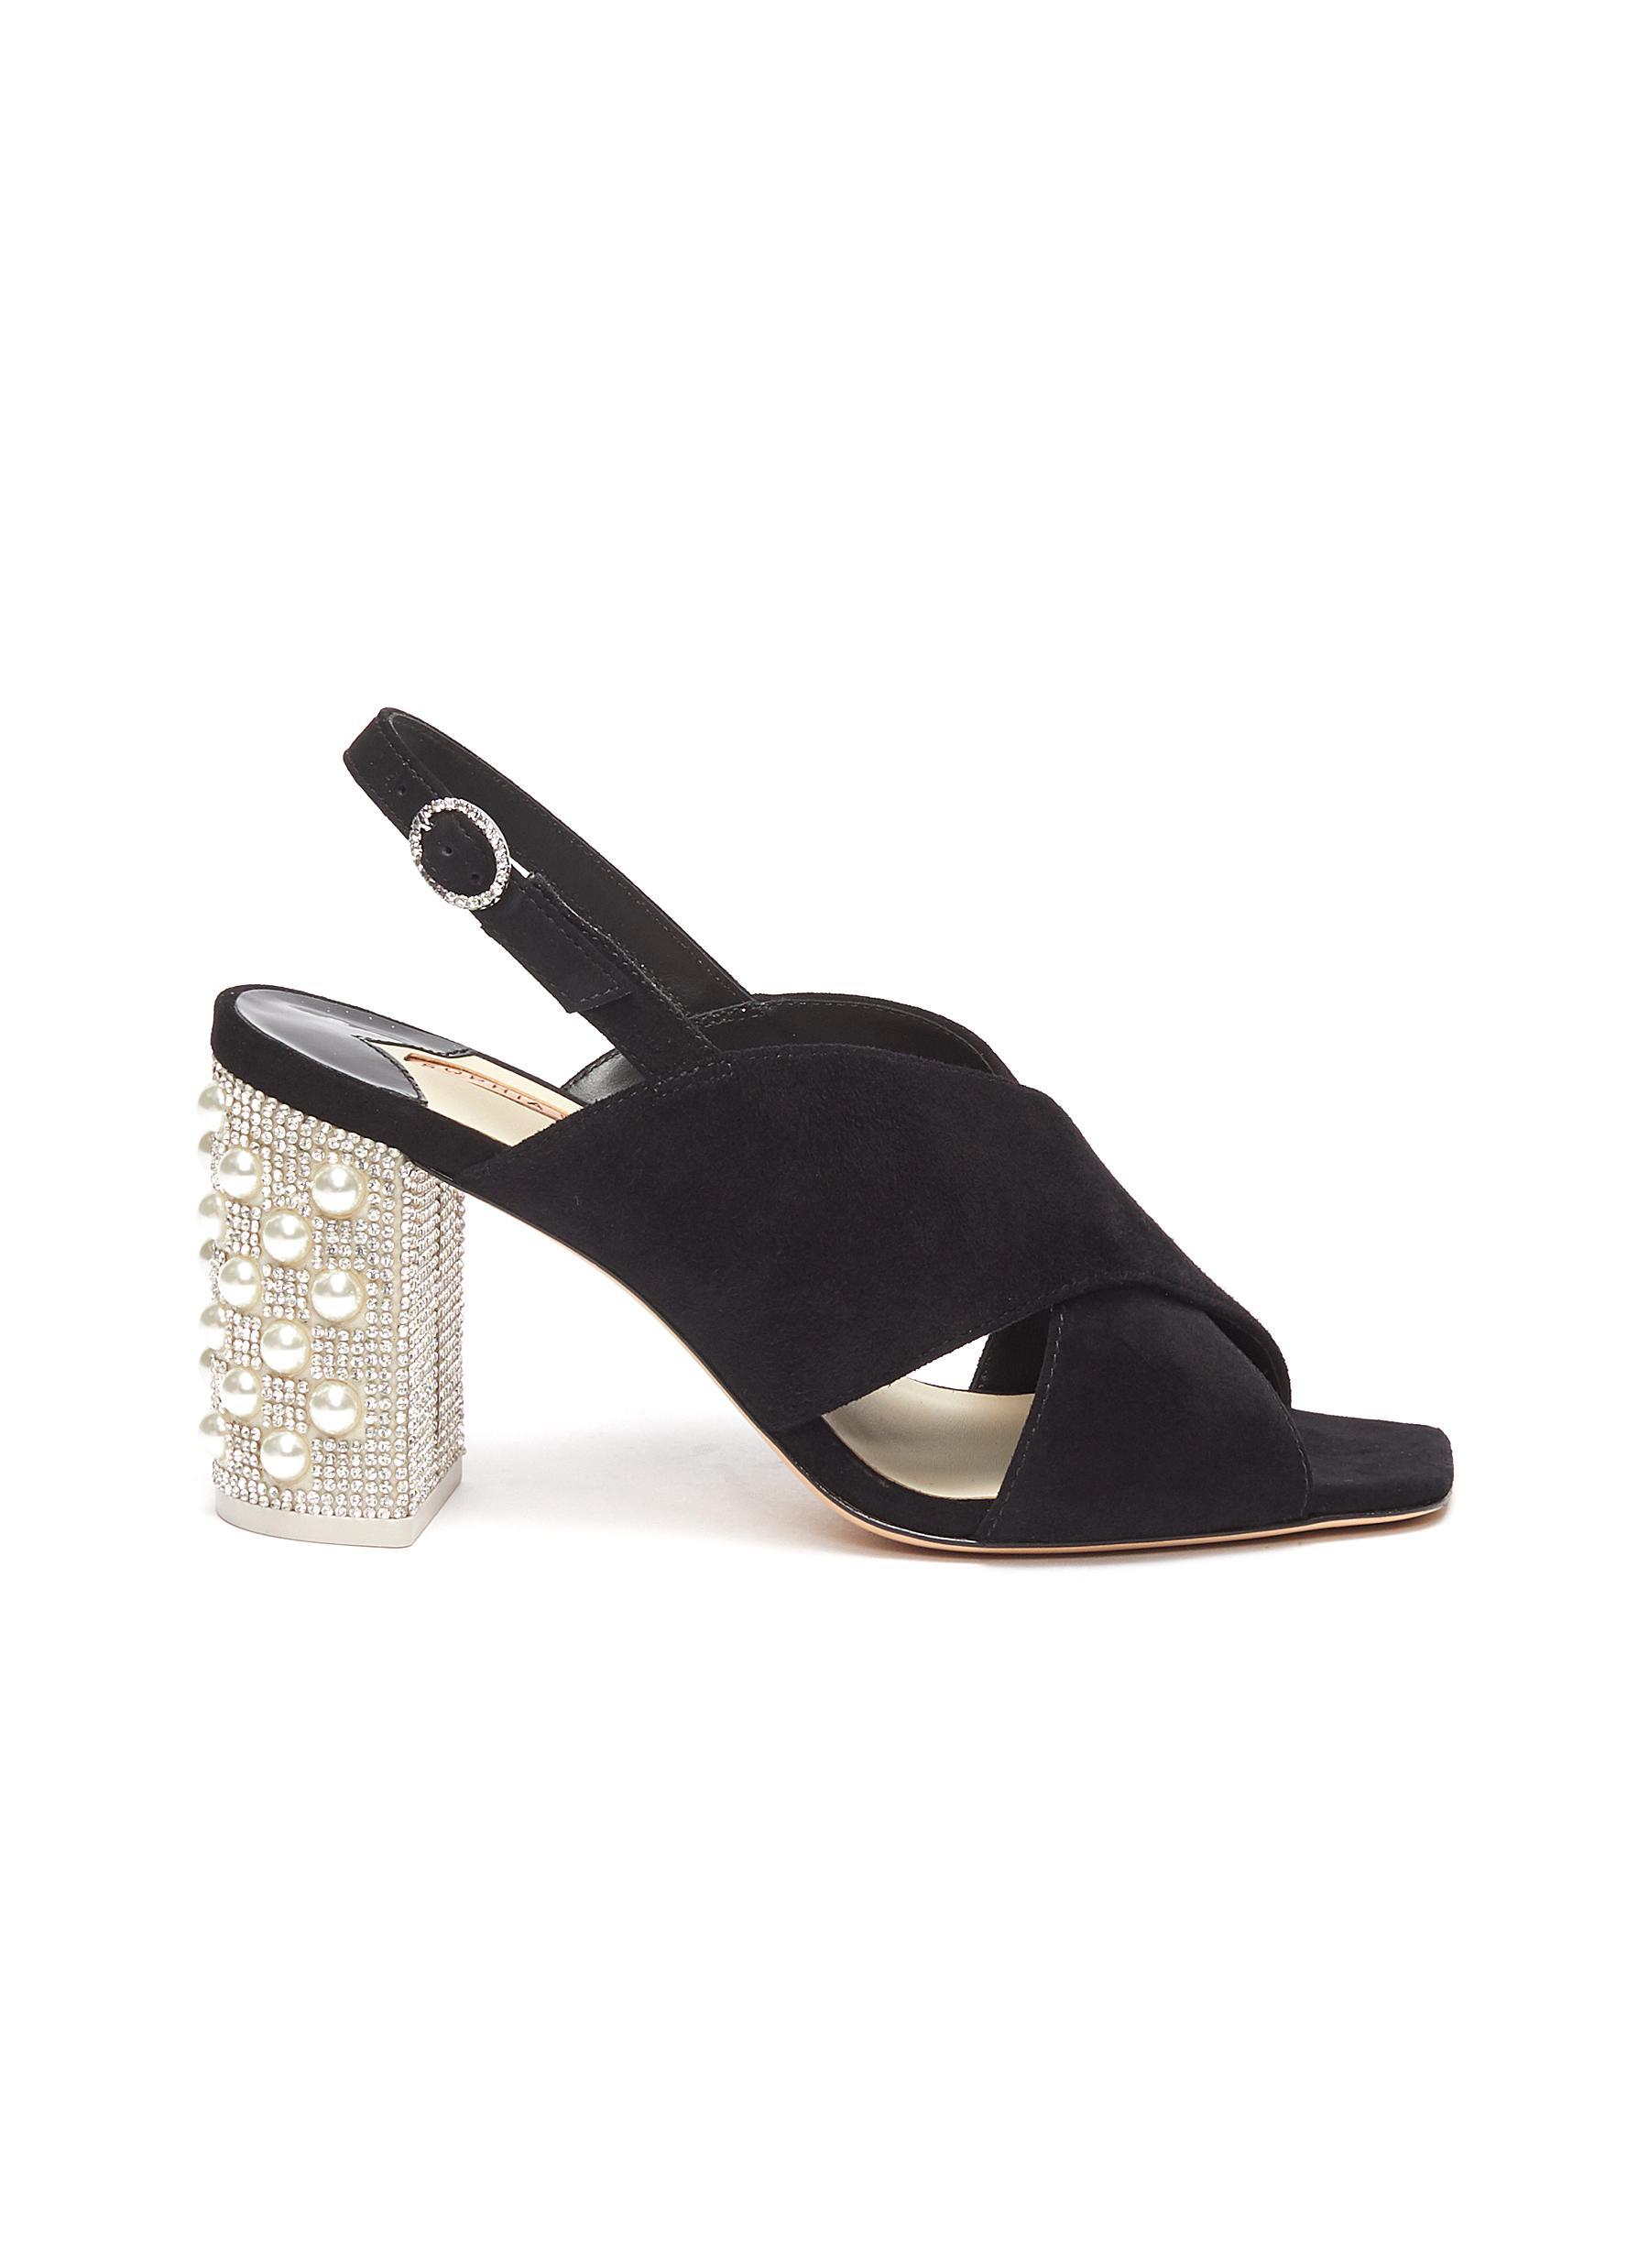 Nina embellished heel cross strap sandals by Sophia Webster